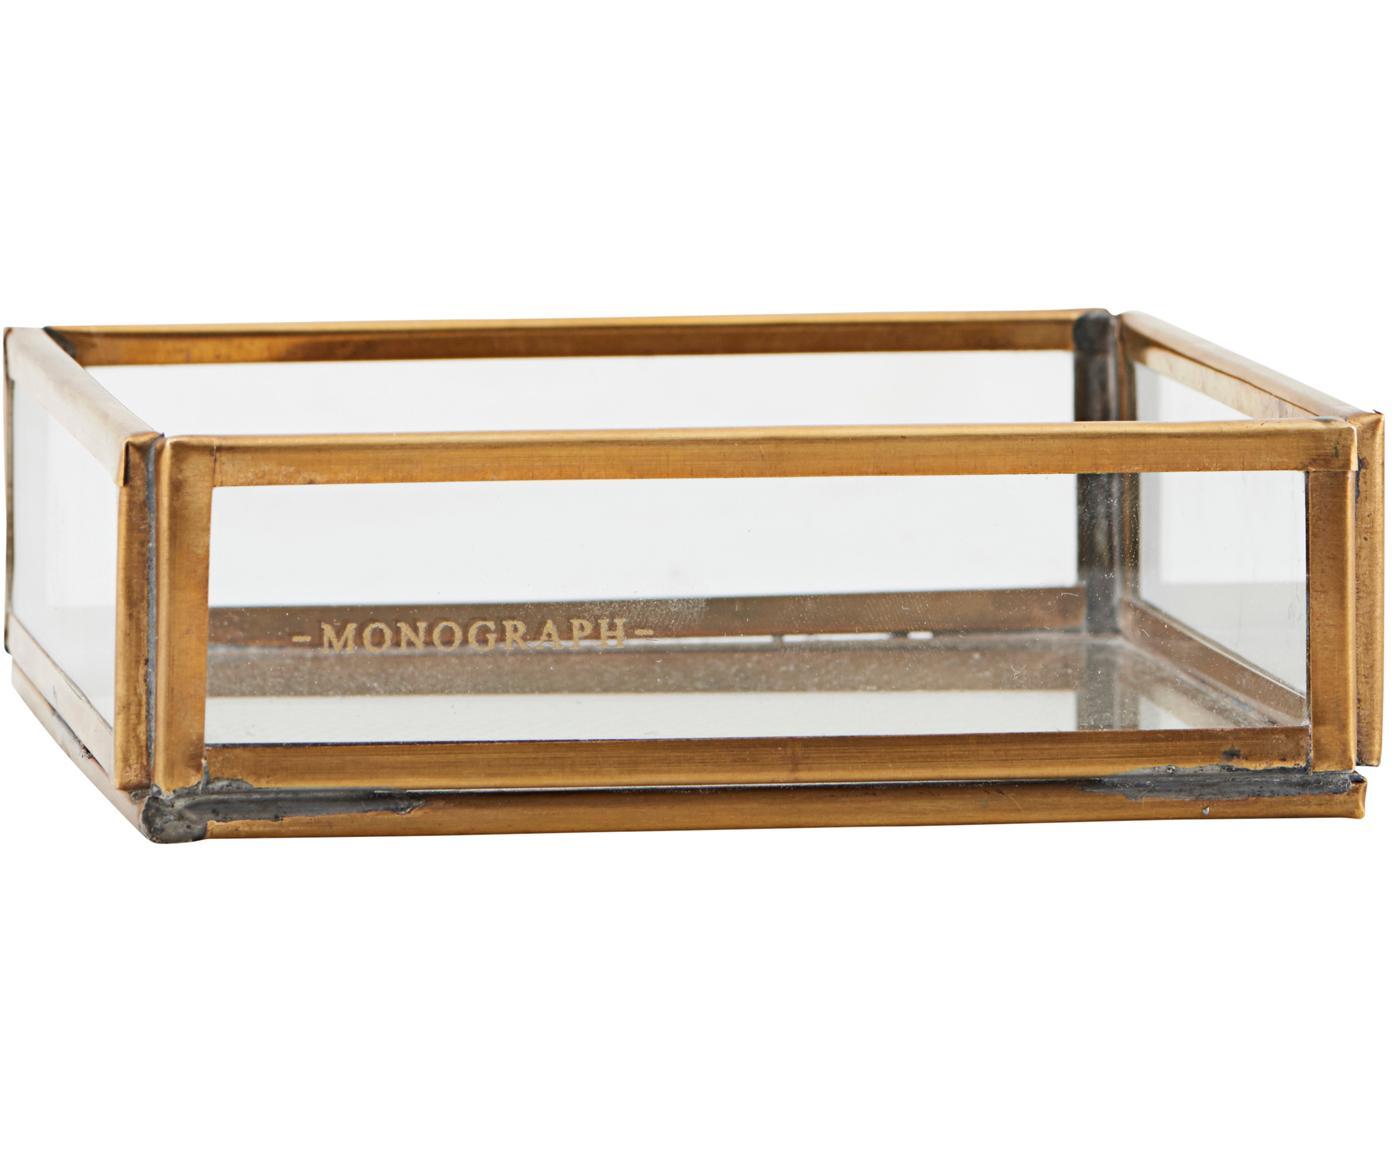 Organizador Sorted, Transparente, latón, An 10 x Al 4 cm